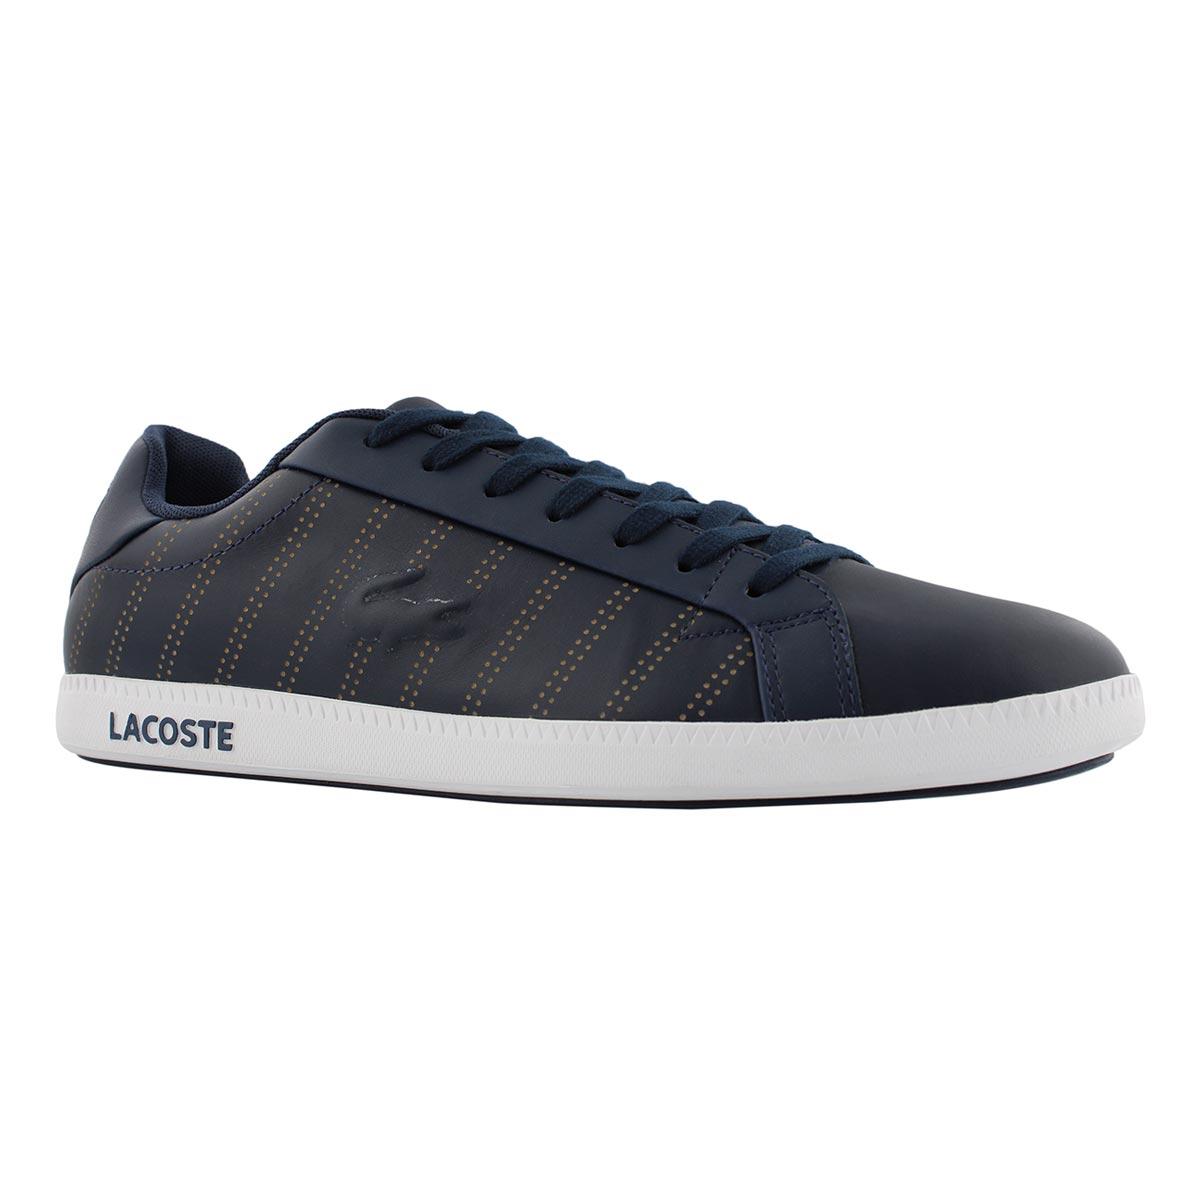 Men's GRADUATE 318 1 navy/white sneaker